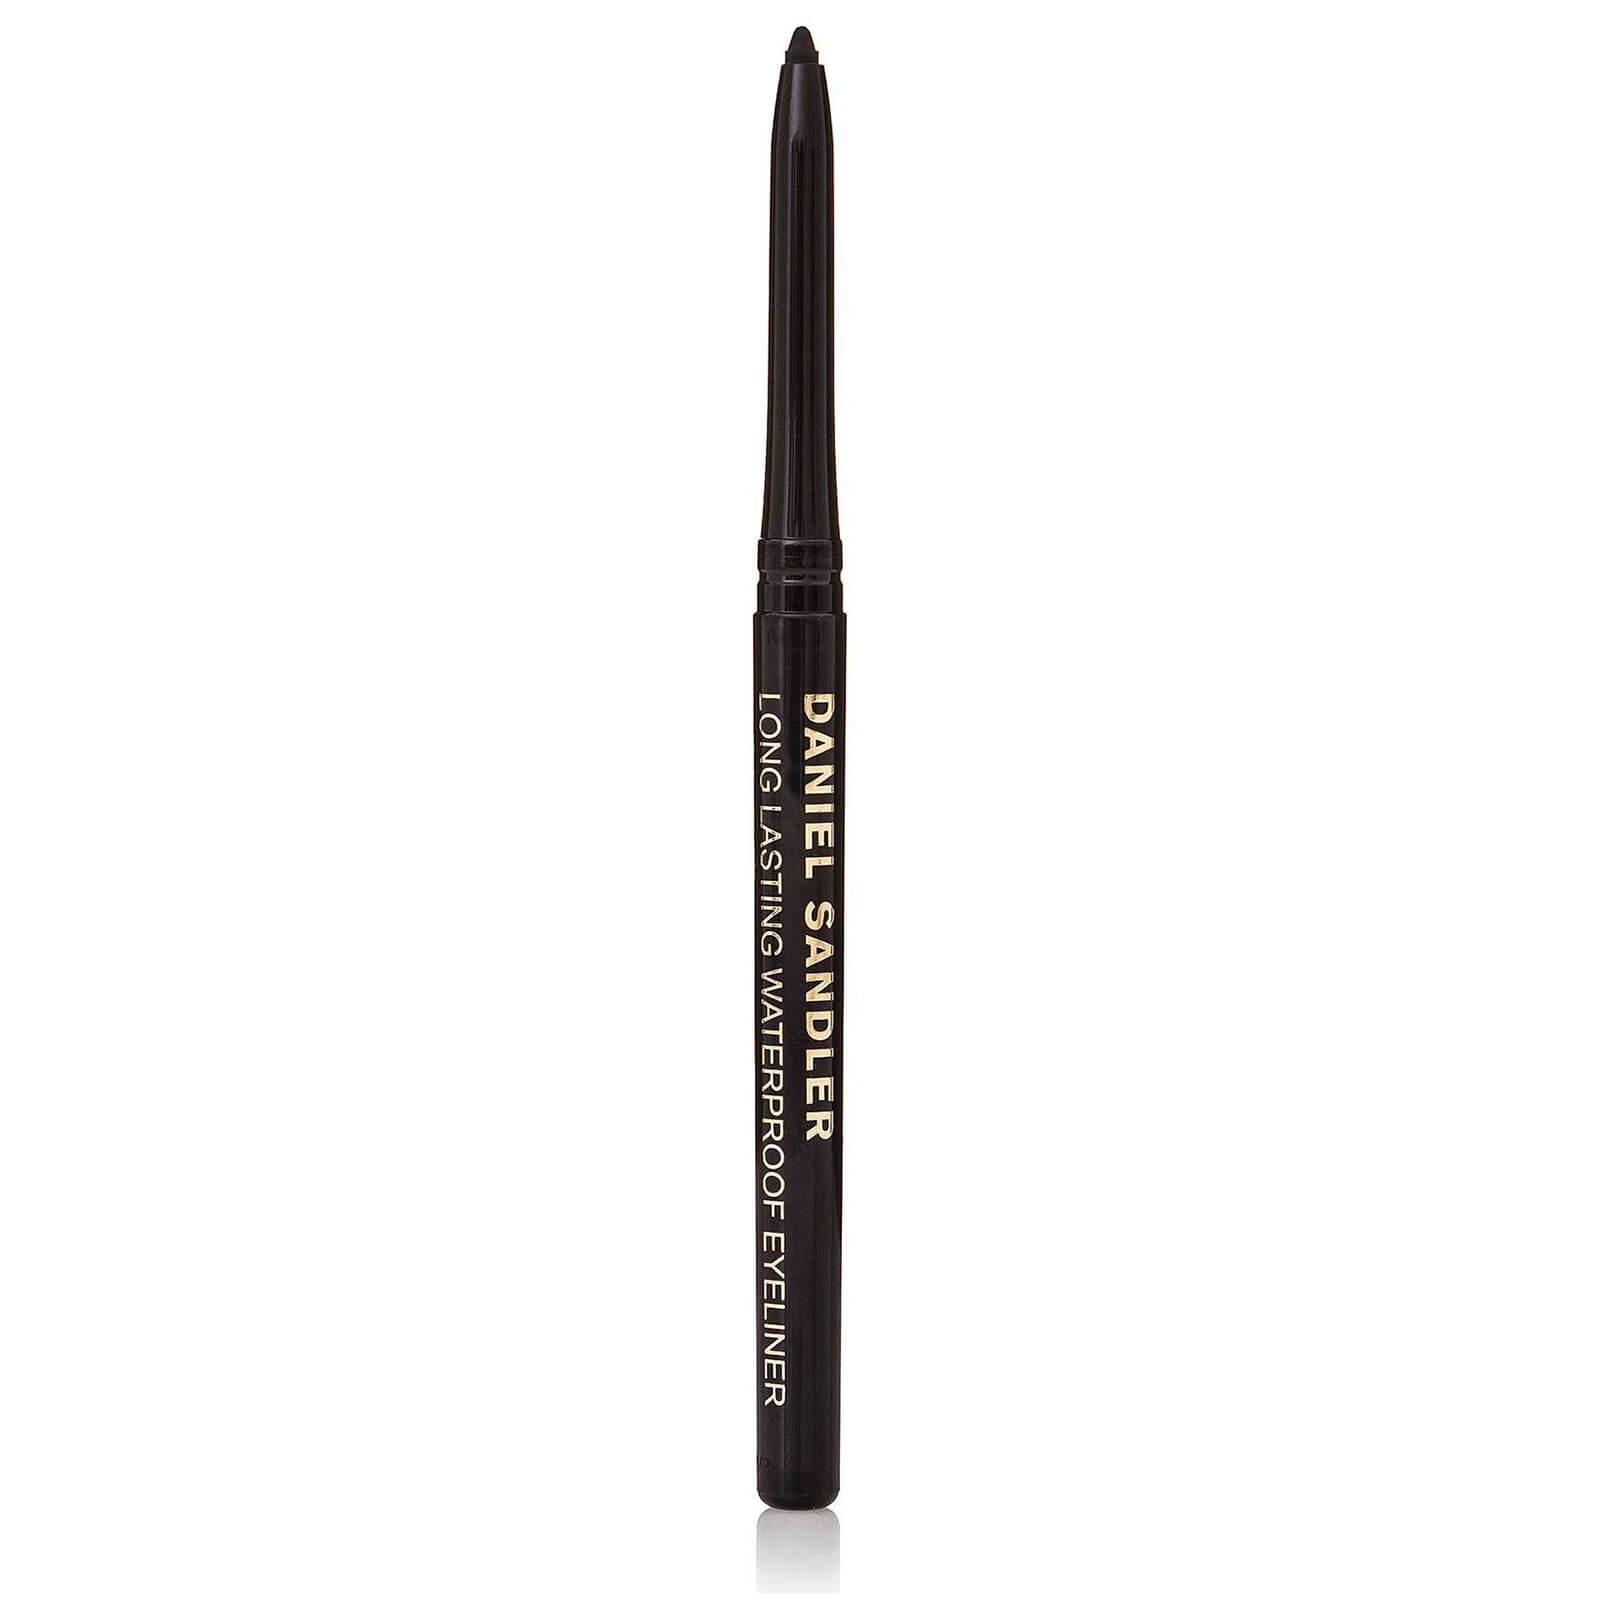 74d59f5c7019 Daniel Sandler Velvet Waterproof Eyeliner (Various Shades) | Free Shipping  | Lookfantastic